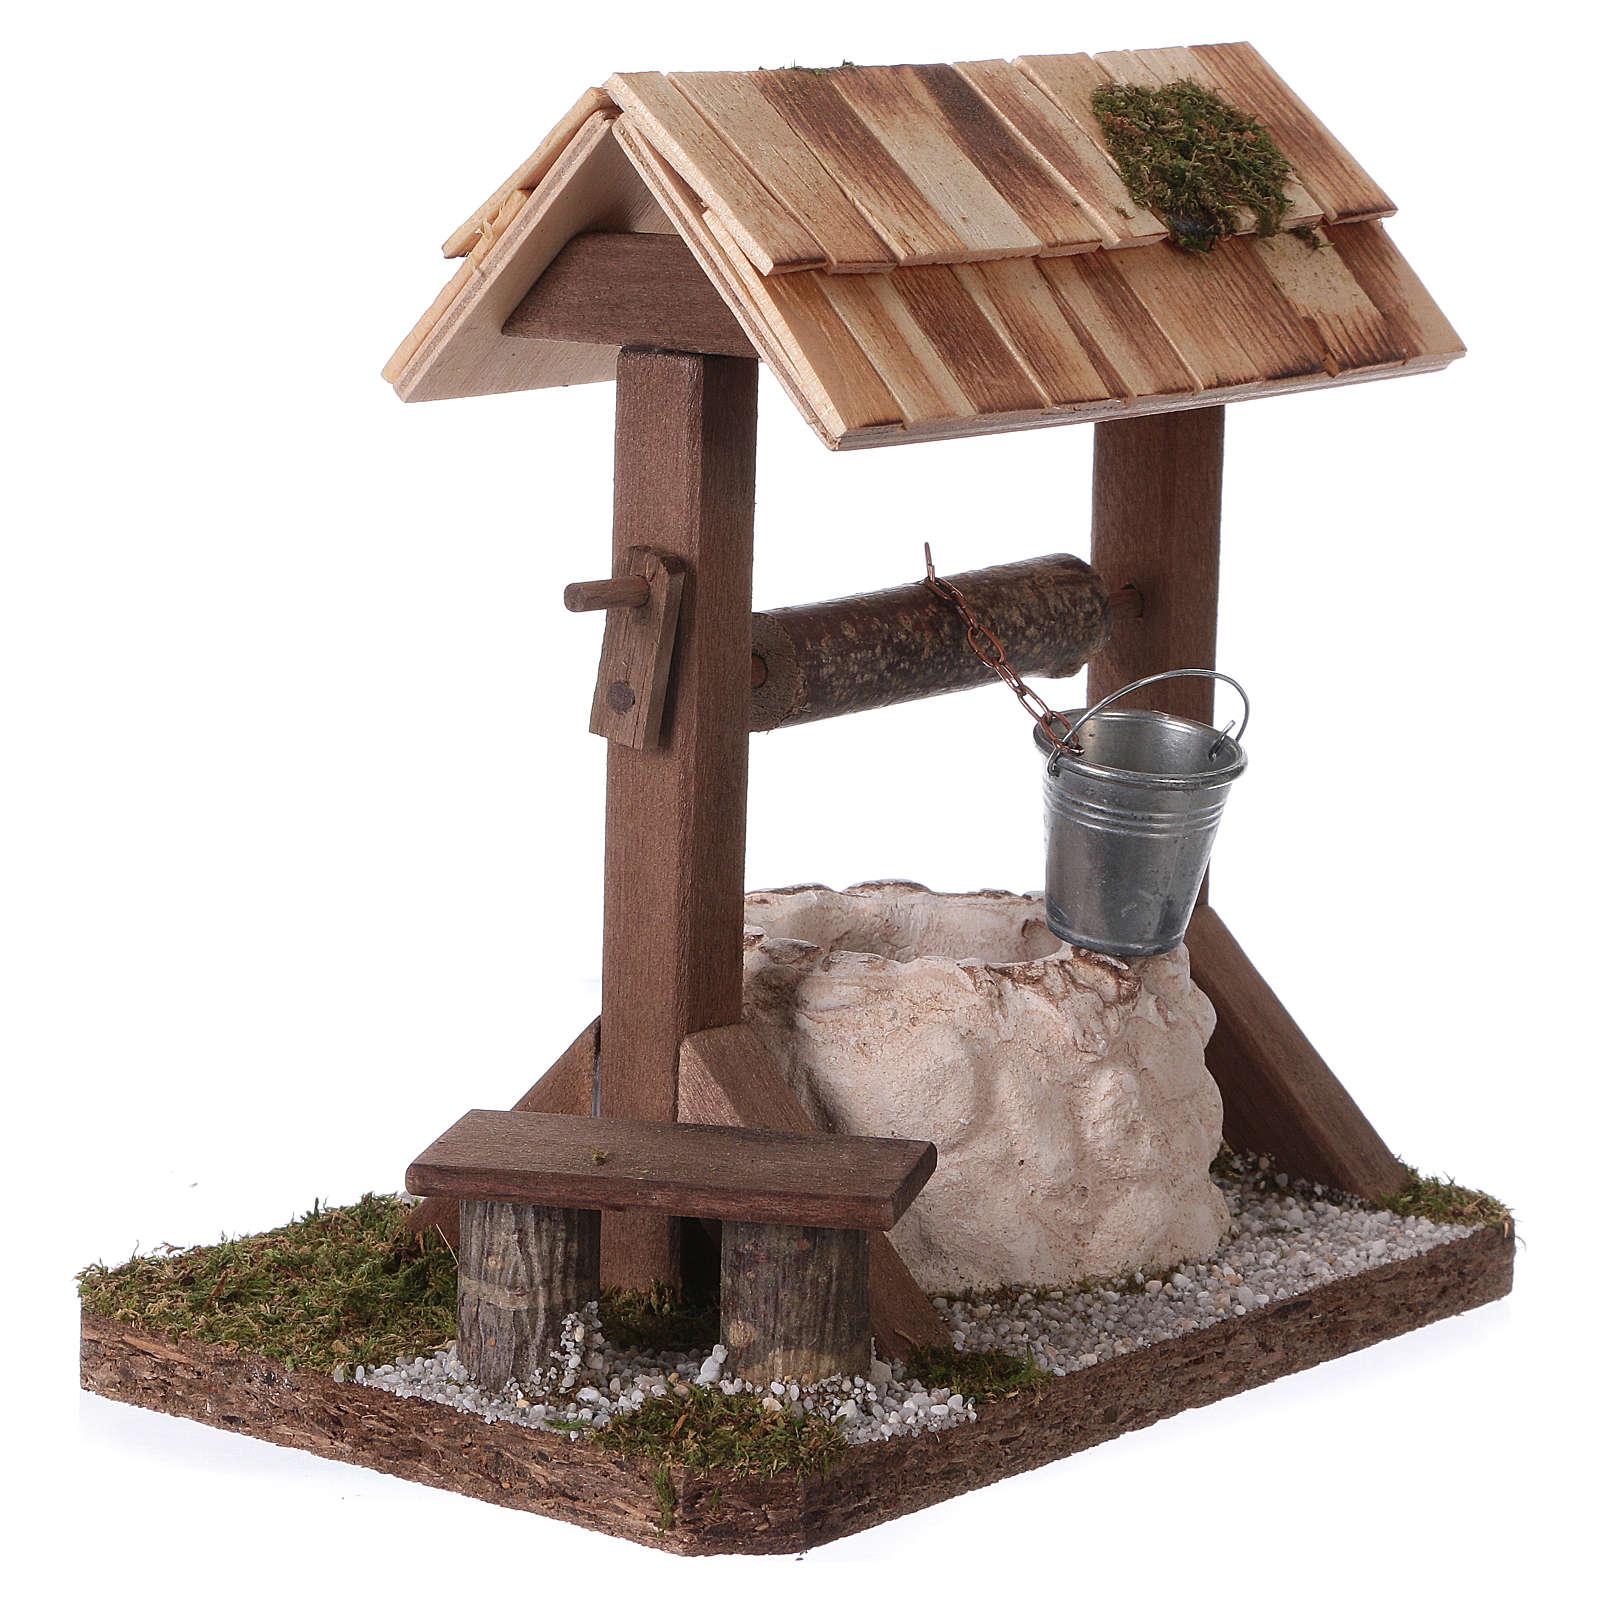 Pozzo con tetto in legno per presepe 12-15 cm 4